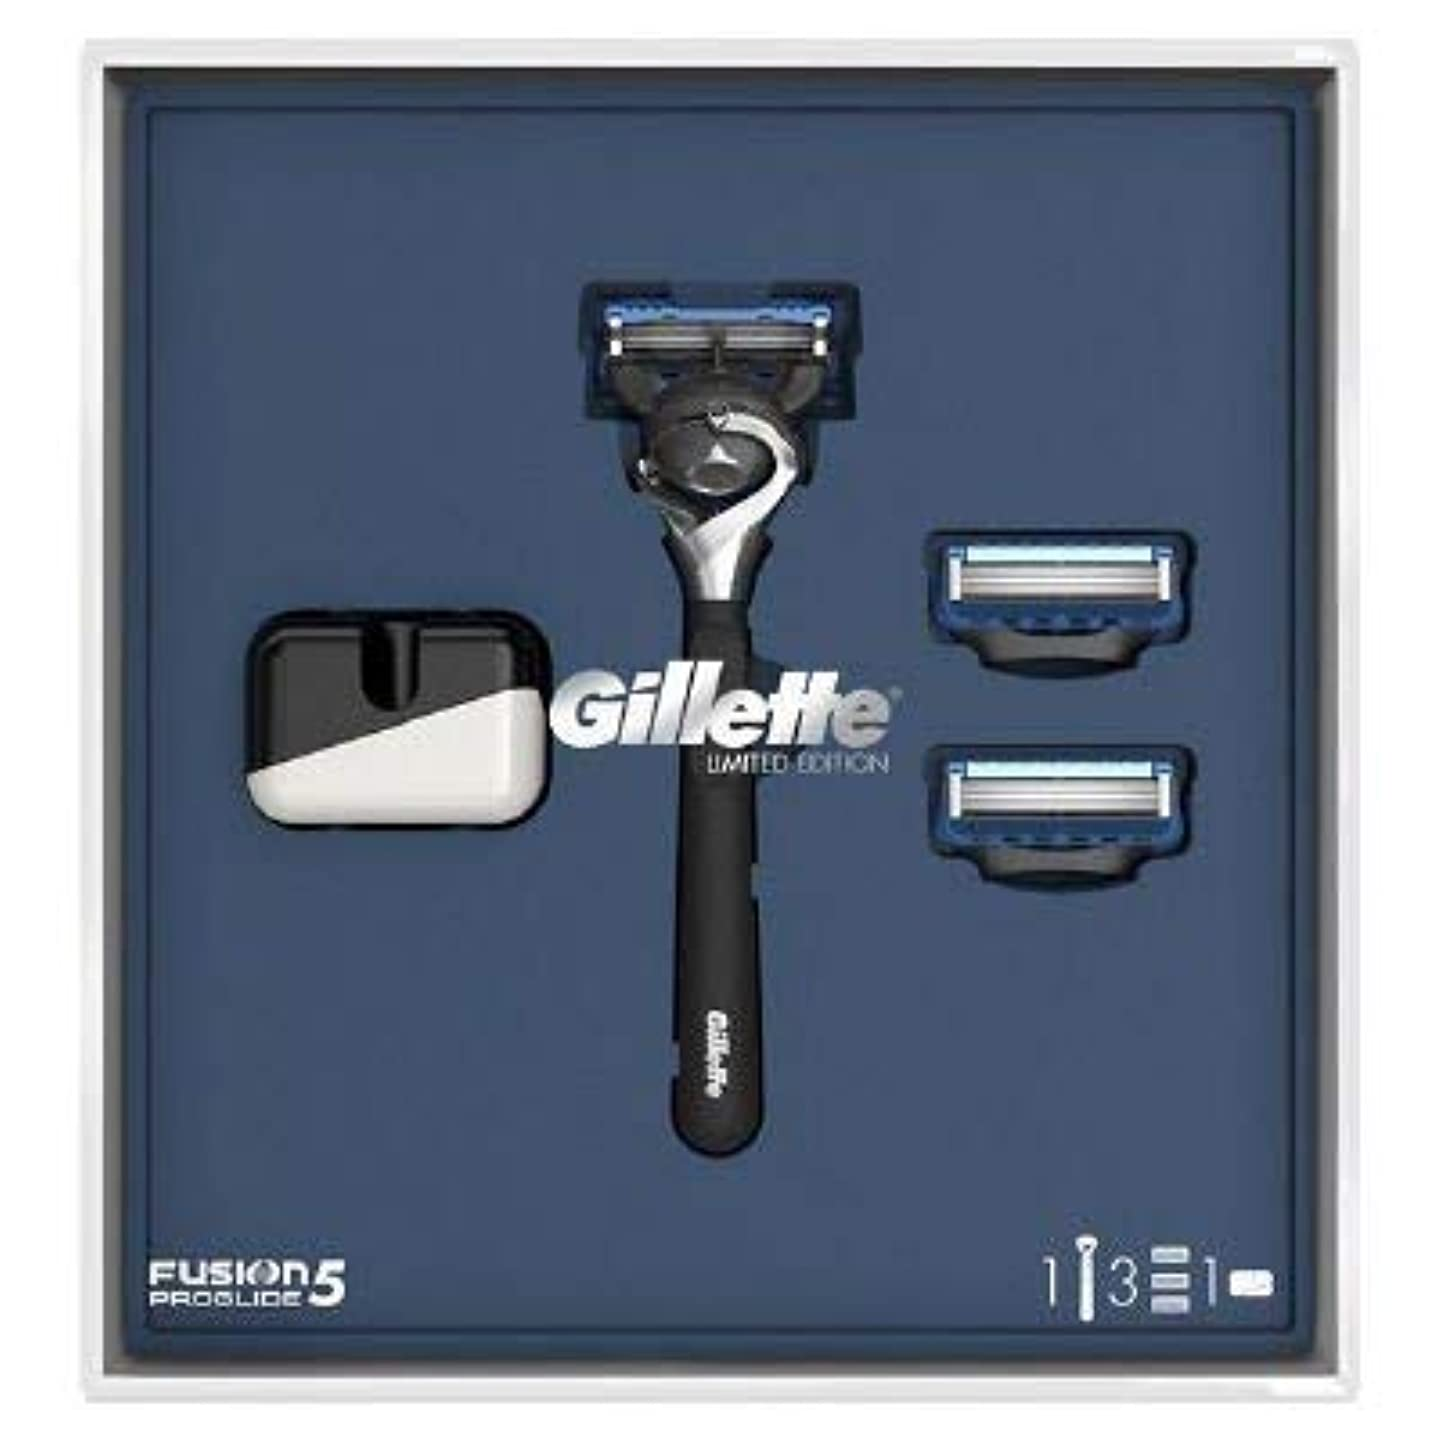 少ないストライク賠償(ジレット)Gilette プログライド 髭剃り本体+替刃3個 オリジナルスタンド付き スペシャルパッケージ P&G